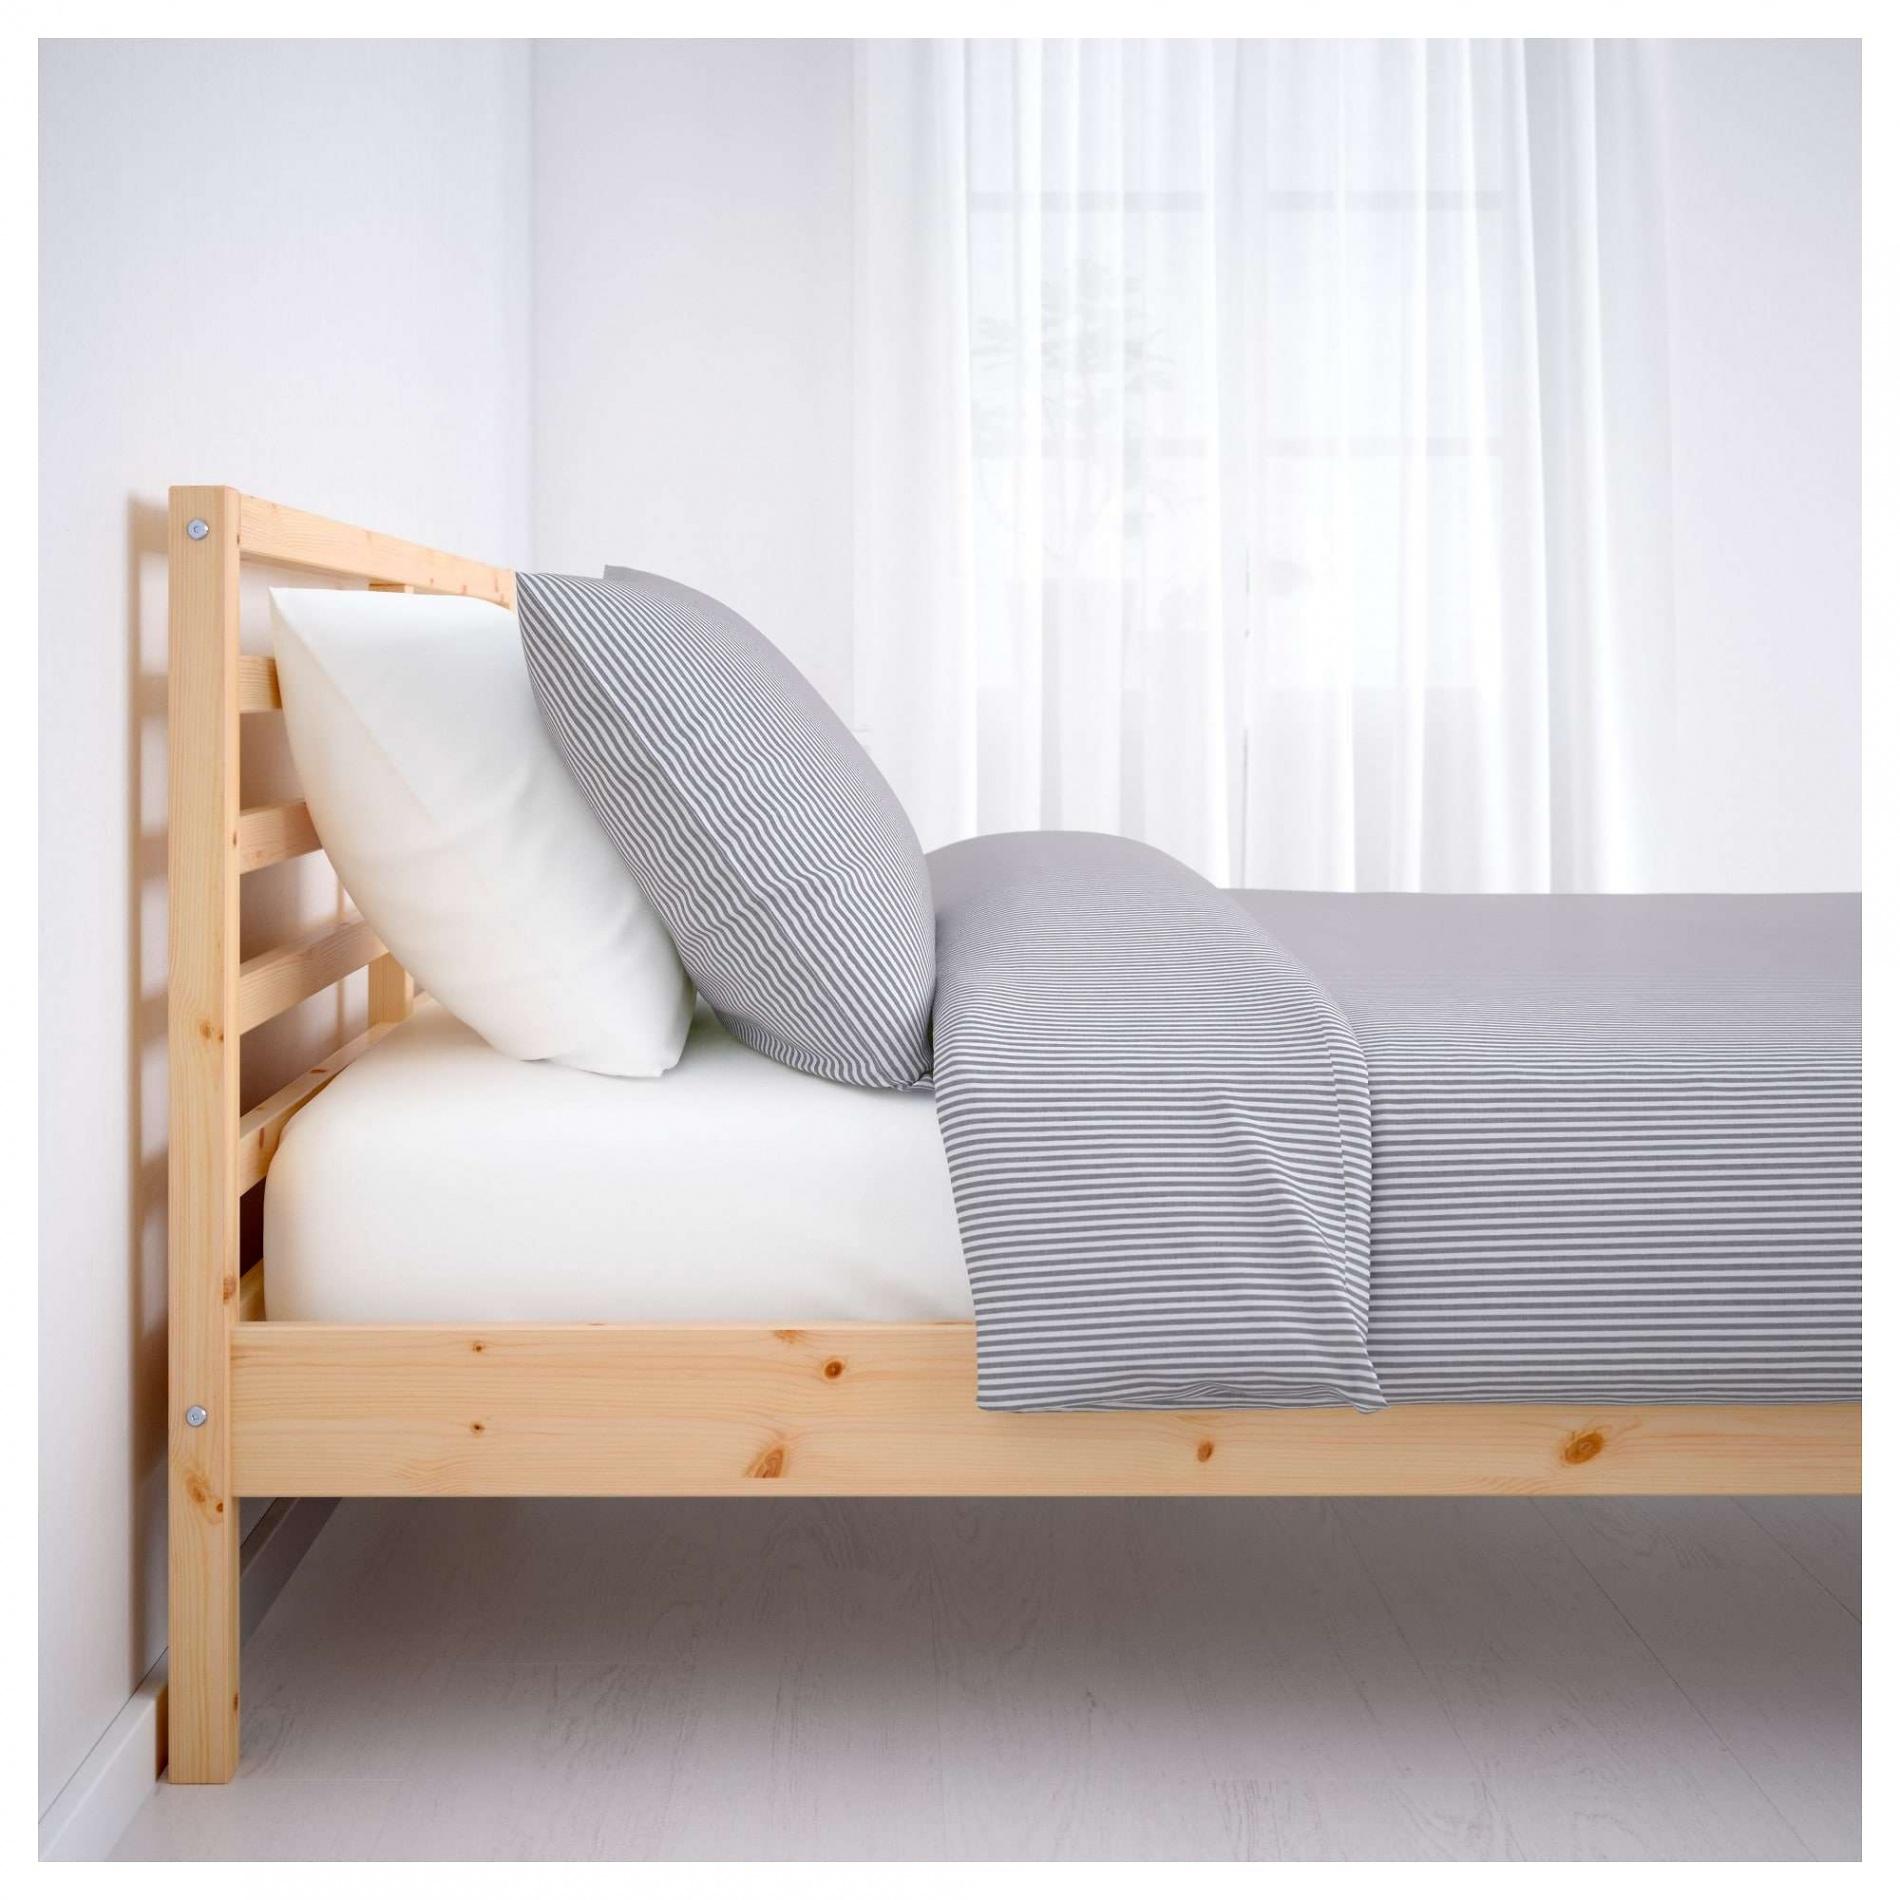 Full Size of Bett 140x200 Holz 180x200 Wei 2020 03 11 1 40 Oschmann Betten Komplett Hasena Günstig Kaufen Außergewöhnliche Joop Platzsparend Mit Stauraum 200x200 Dico Wohnzimmer Halbhohes Bett Ikea